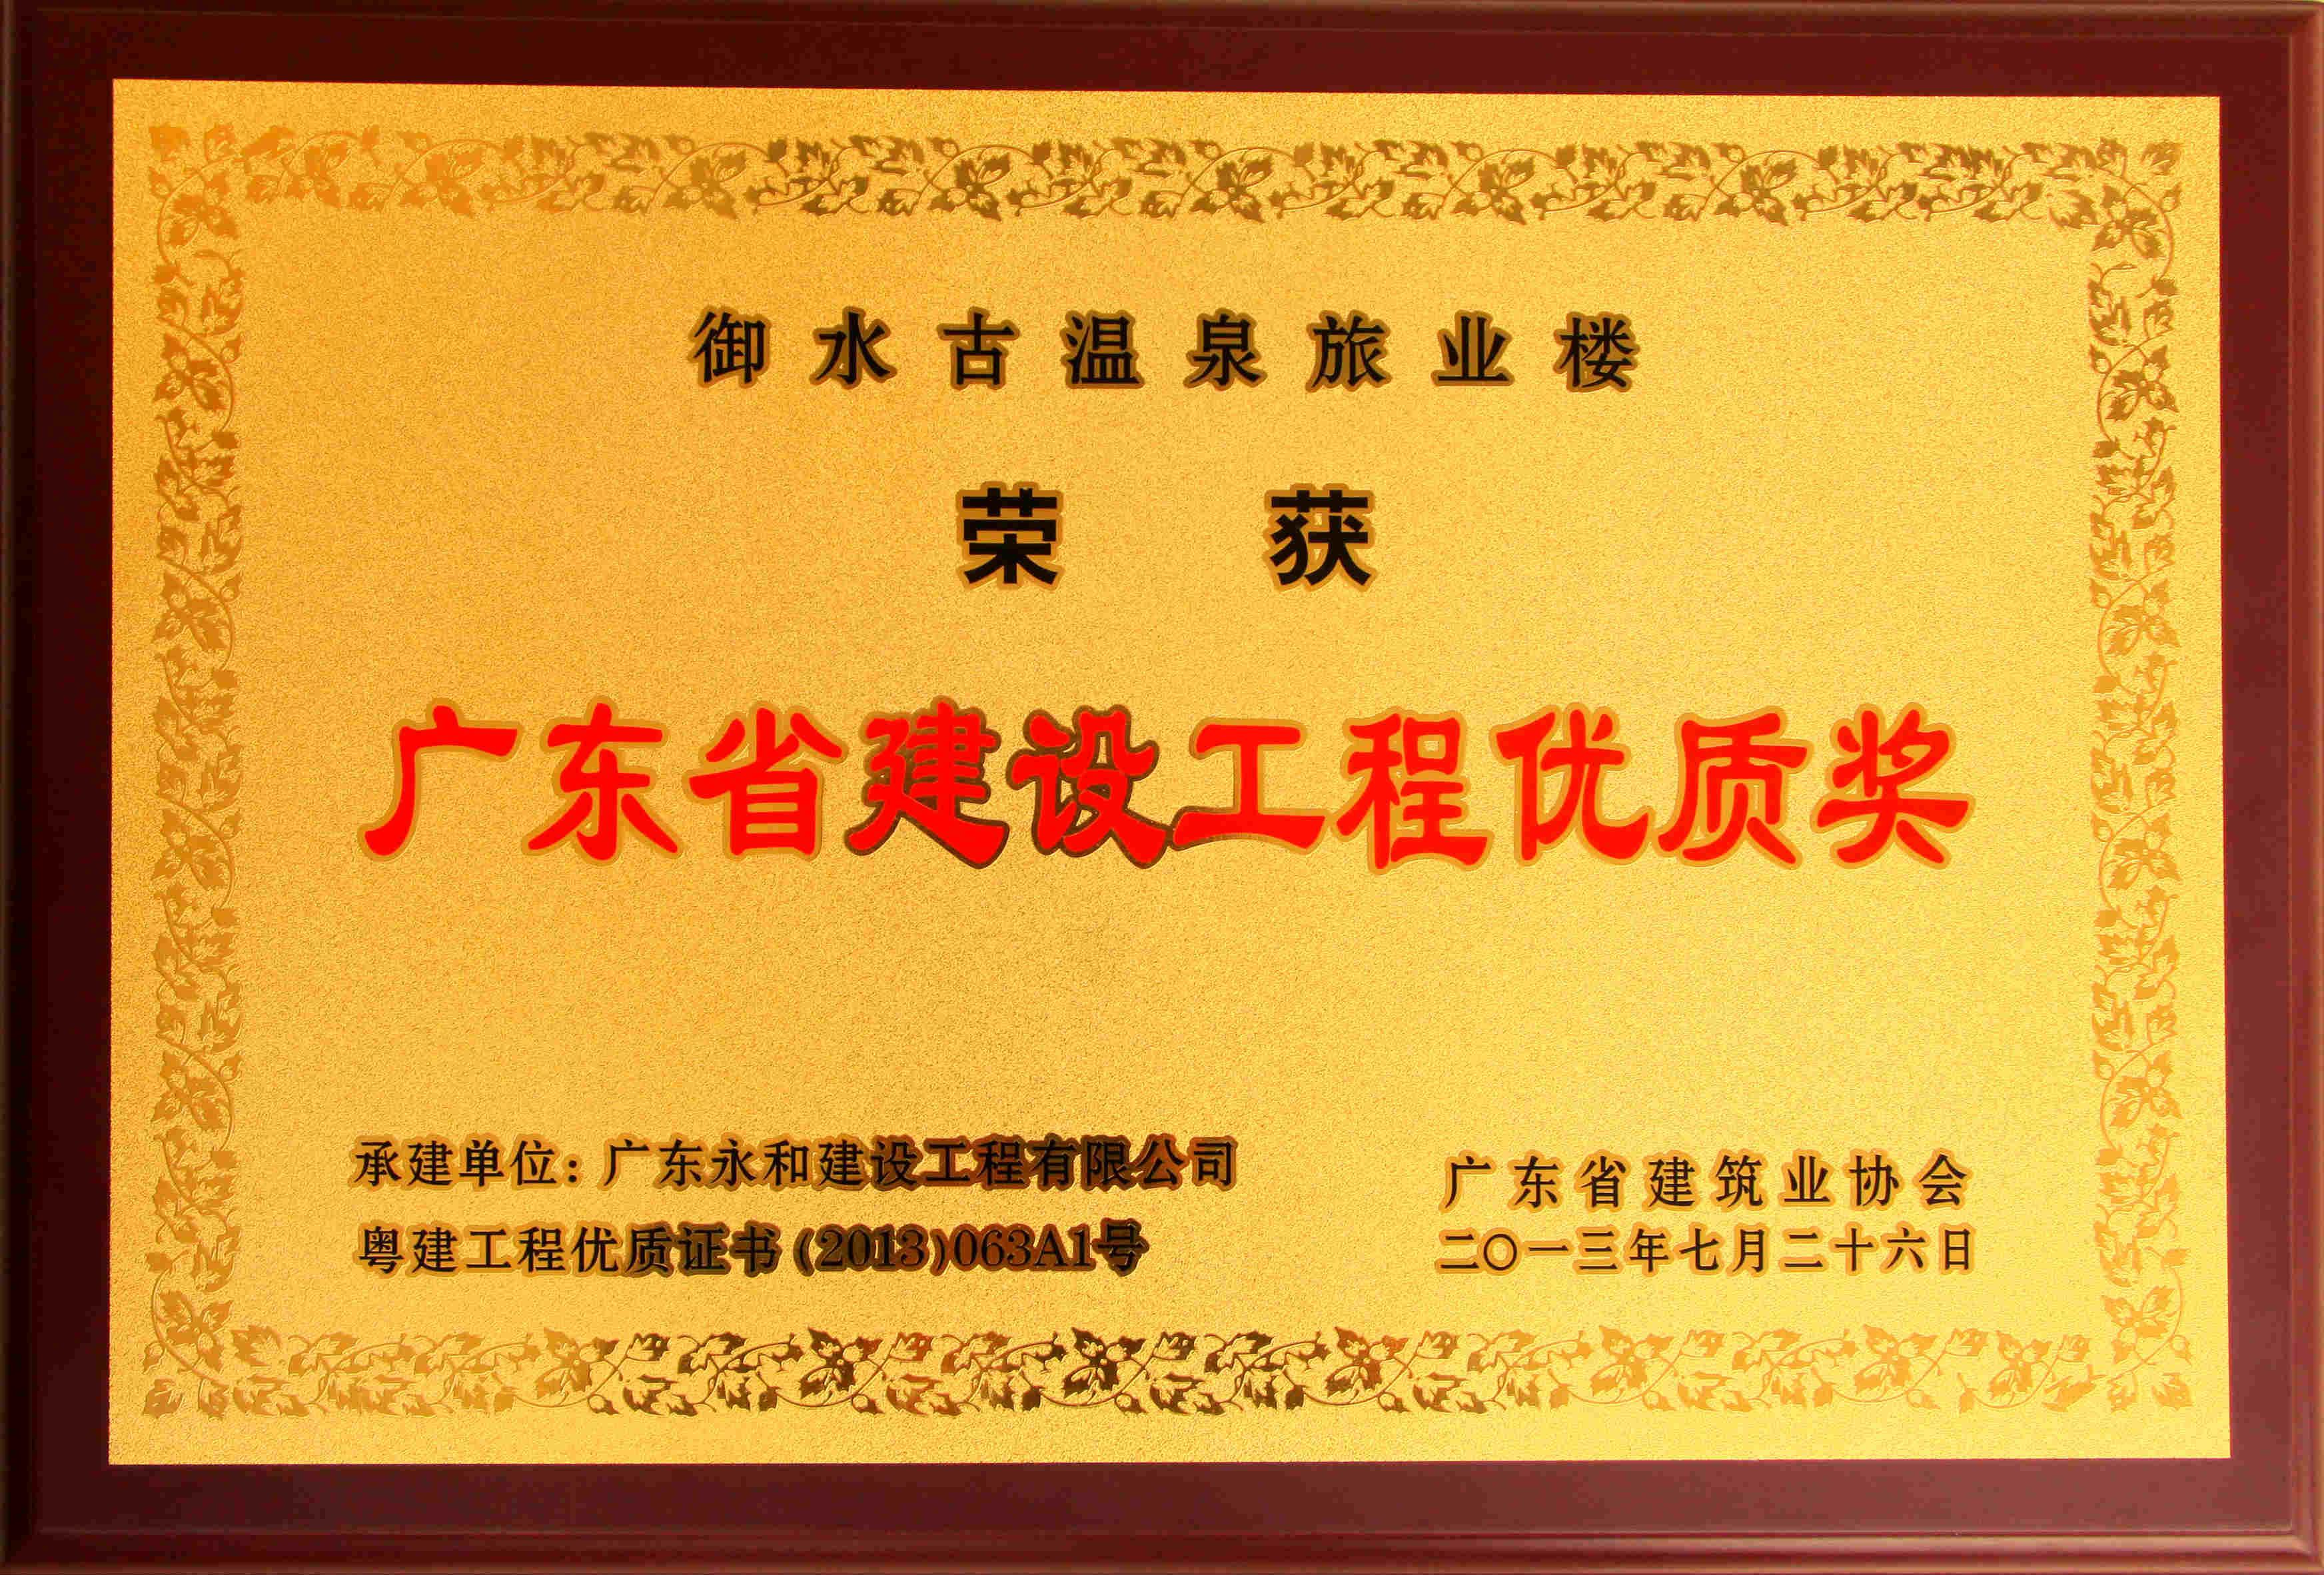 广东省建设工程优质奖